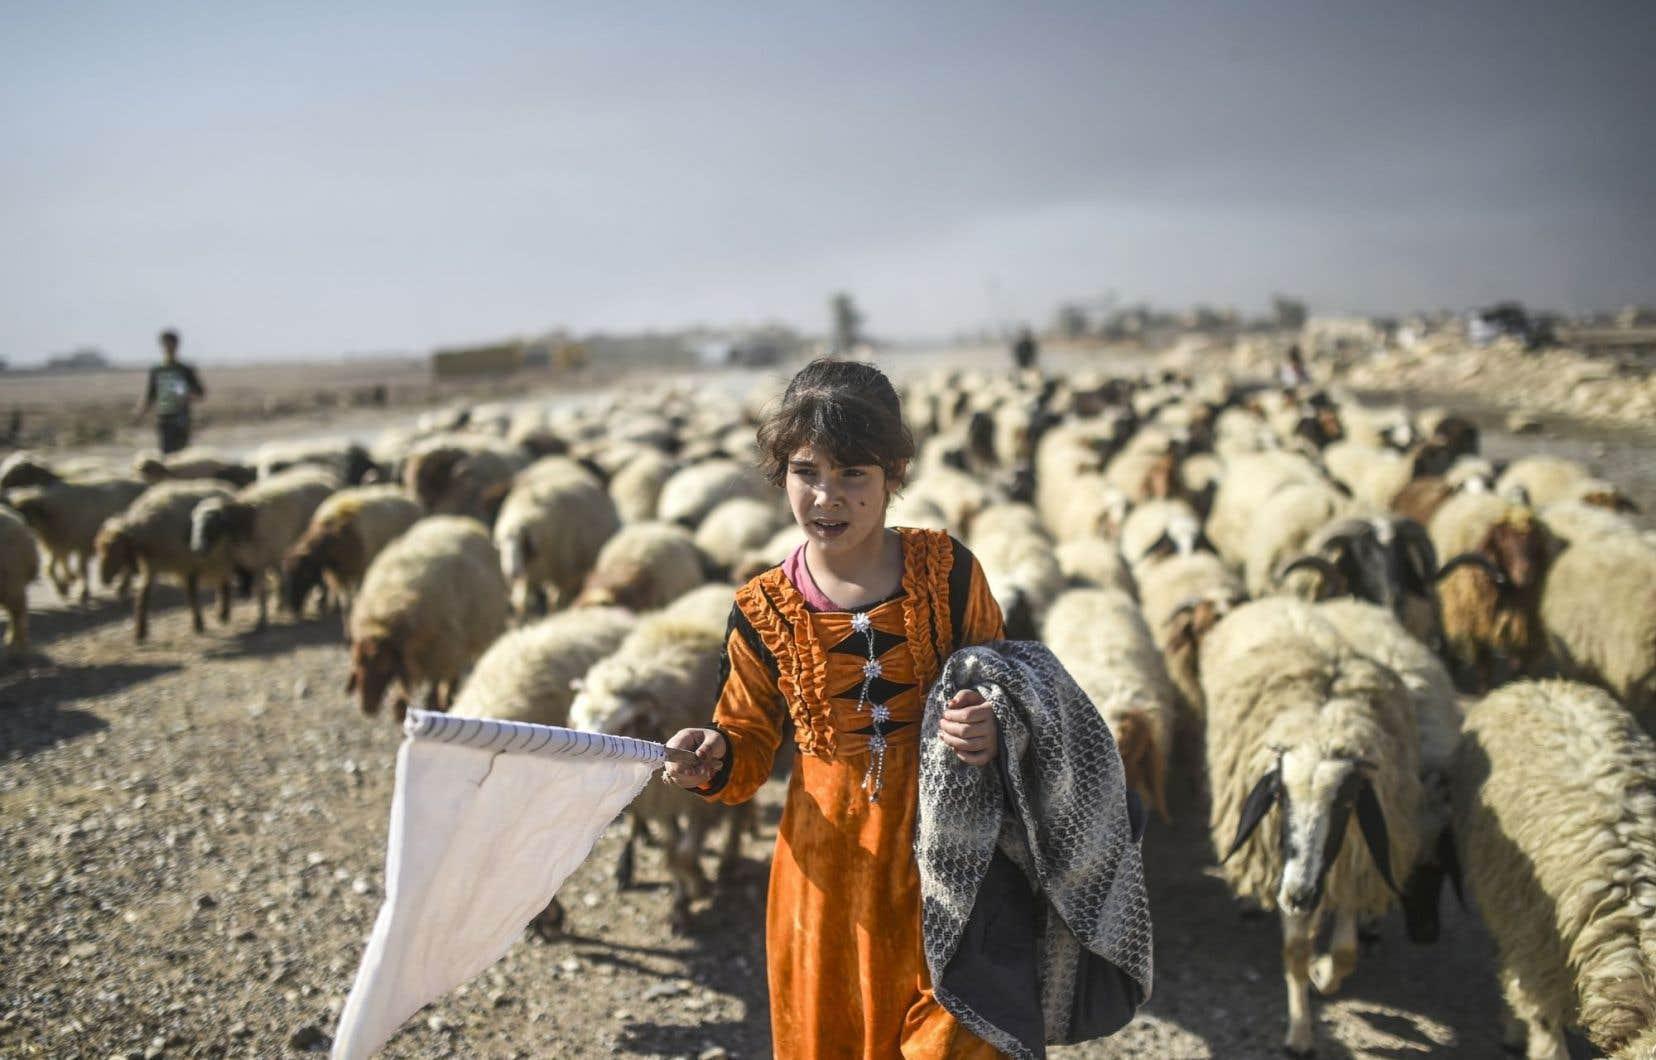 Parmi les déplacés fuyant les zones de combat, cette jeune bergère de Gogjali arborant un drapeau blanc devant son troupeau